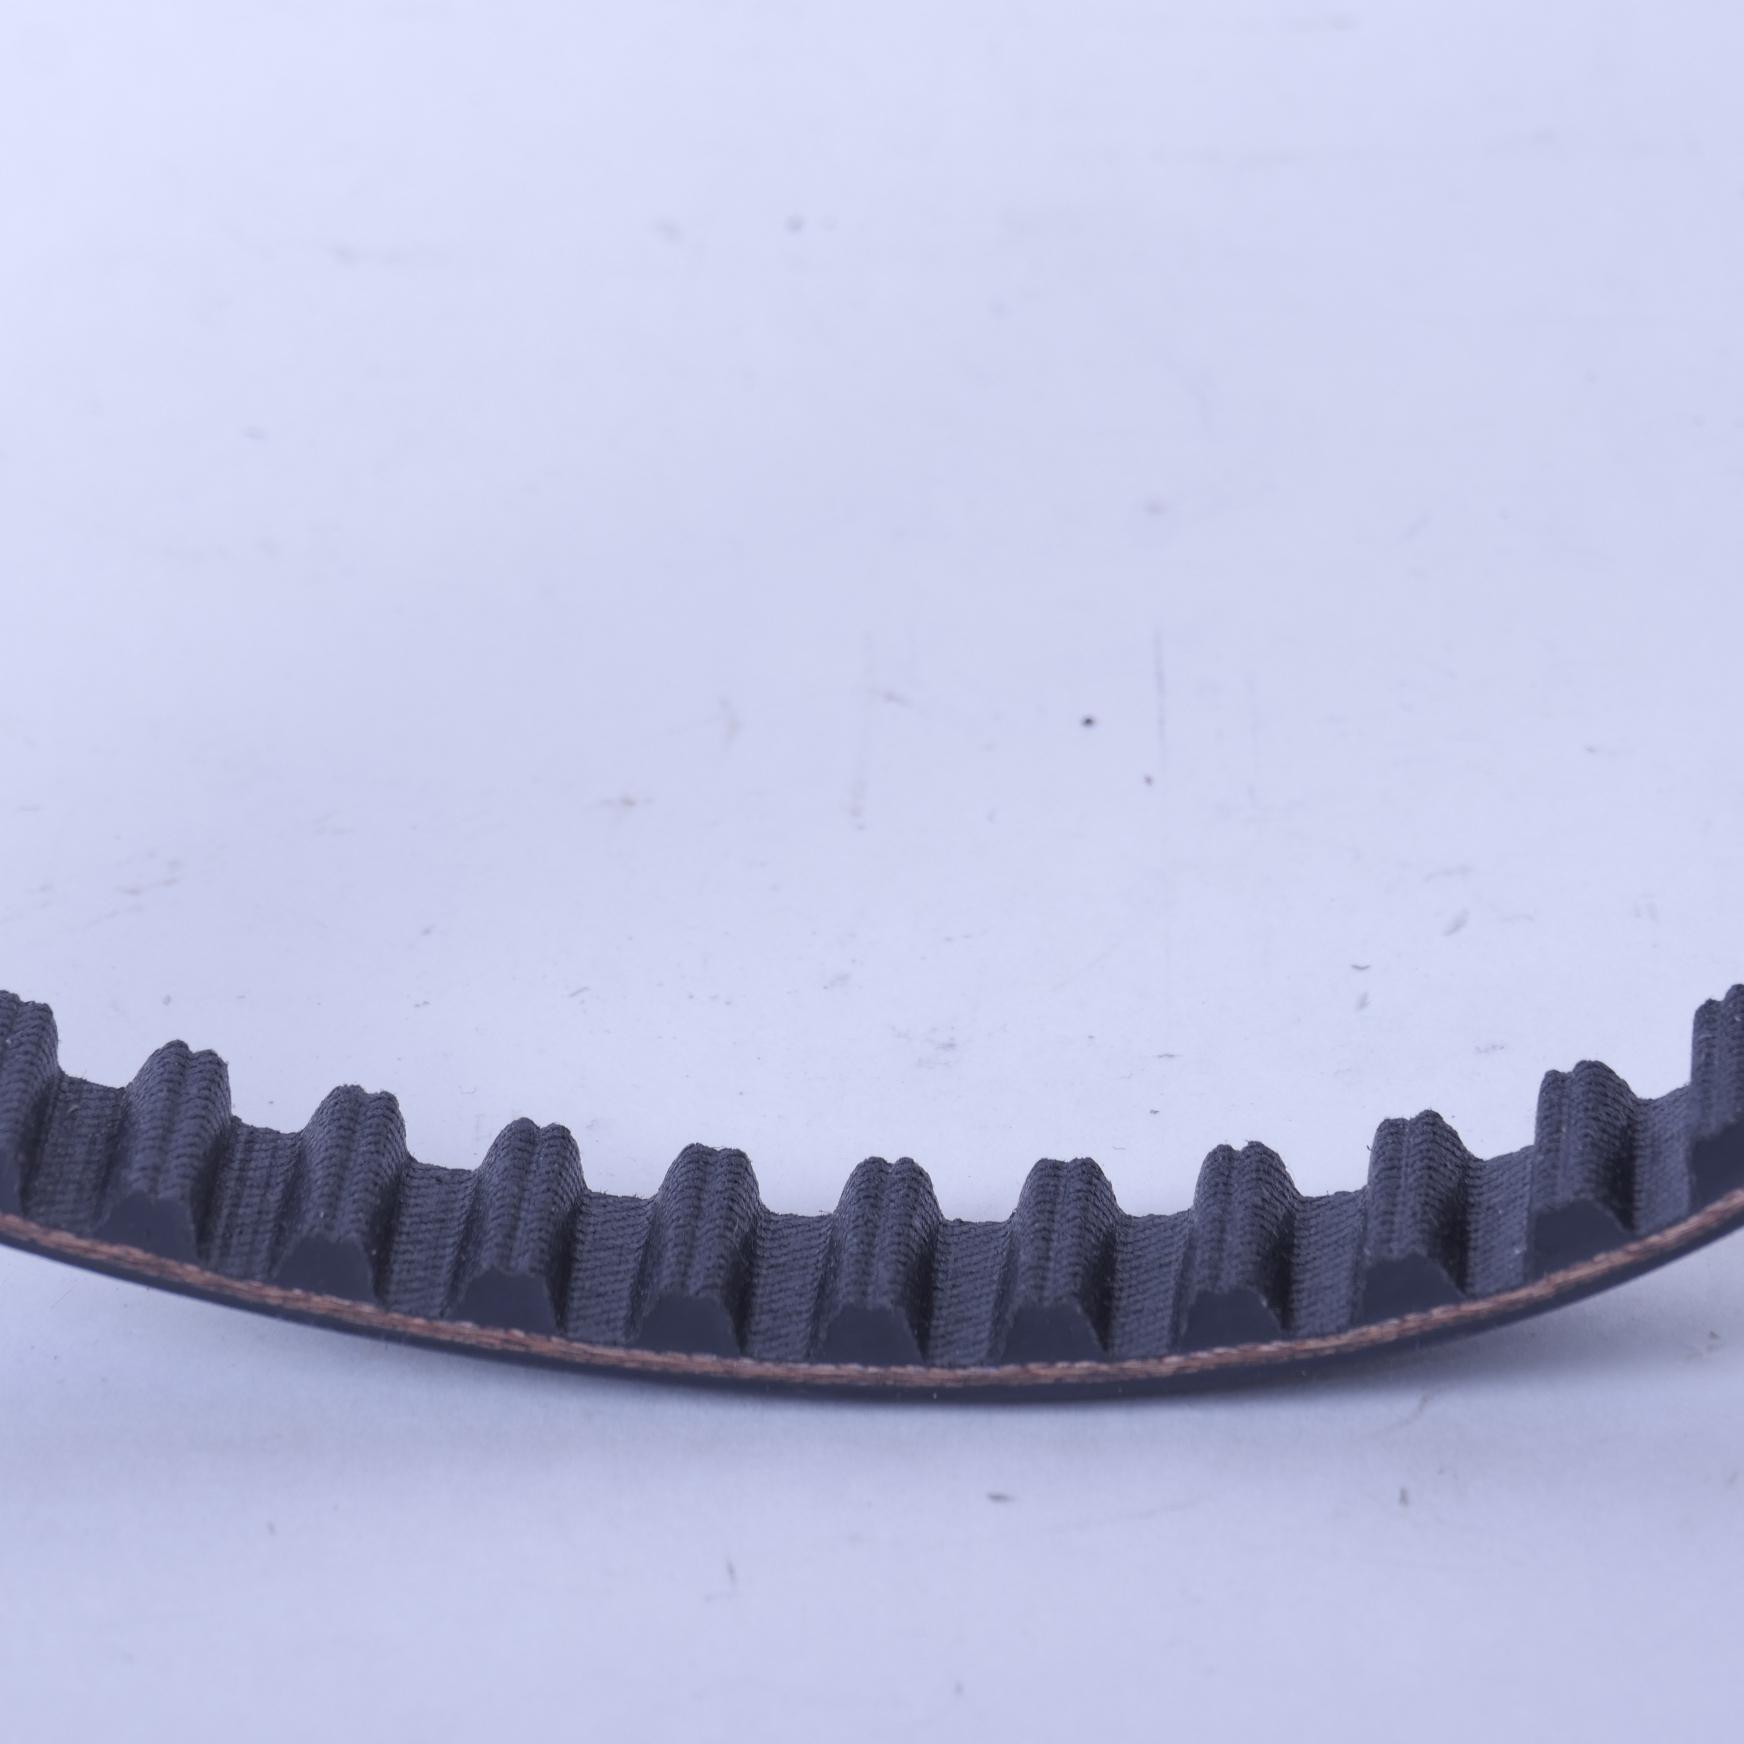 Ремень ГРМ ВАЗ-2108 … -2112, LADA Samara, Priora, Kalina I и Granta усиленный